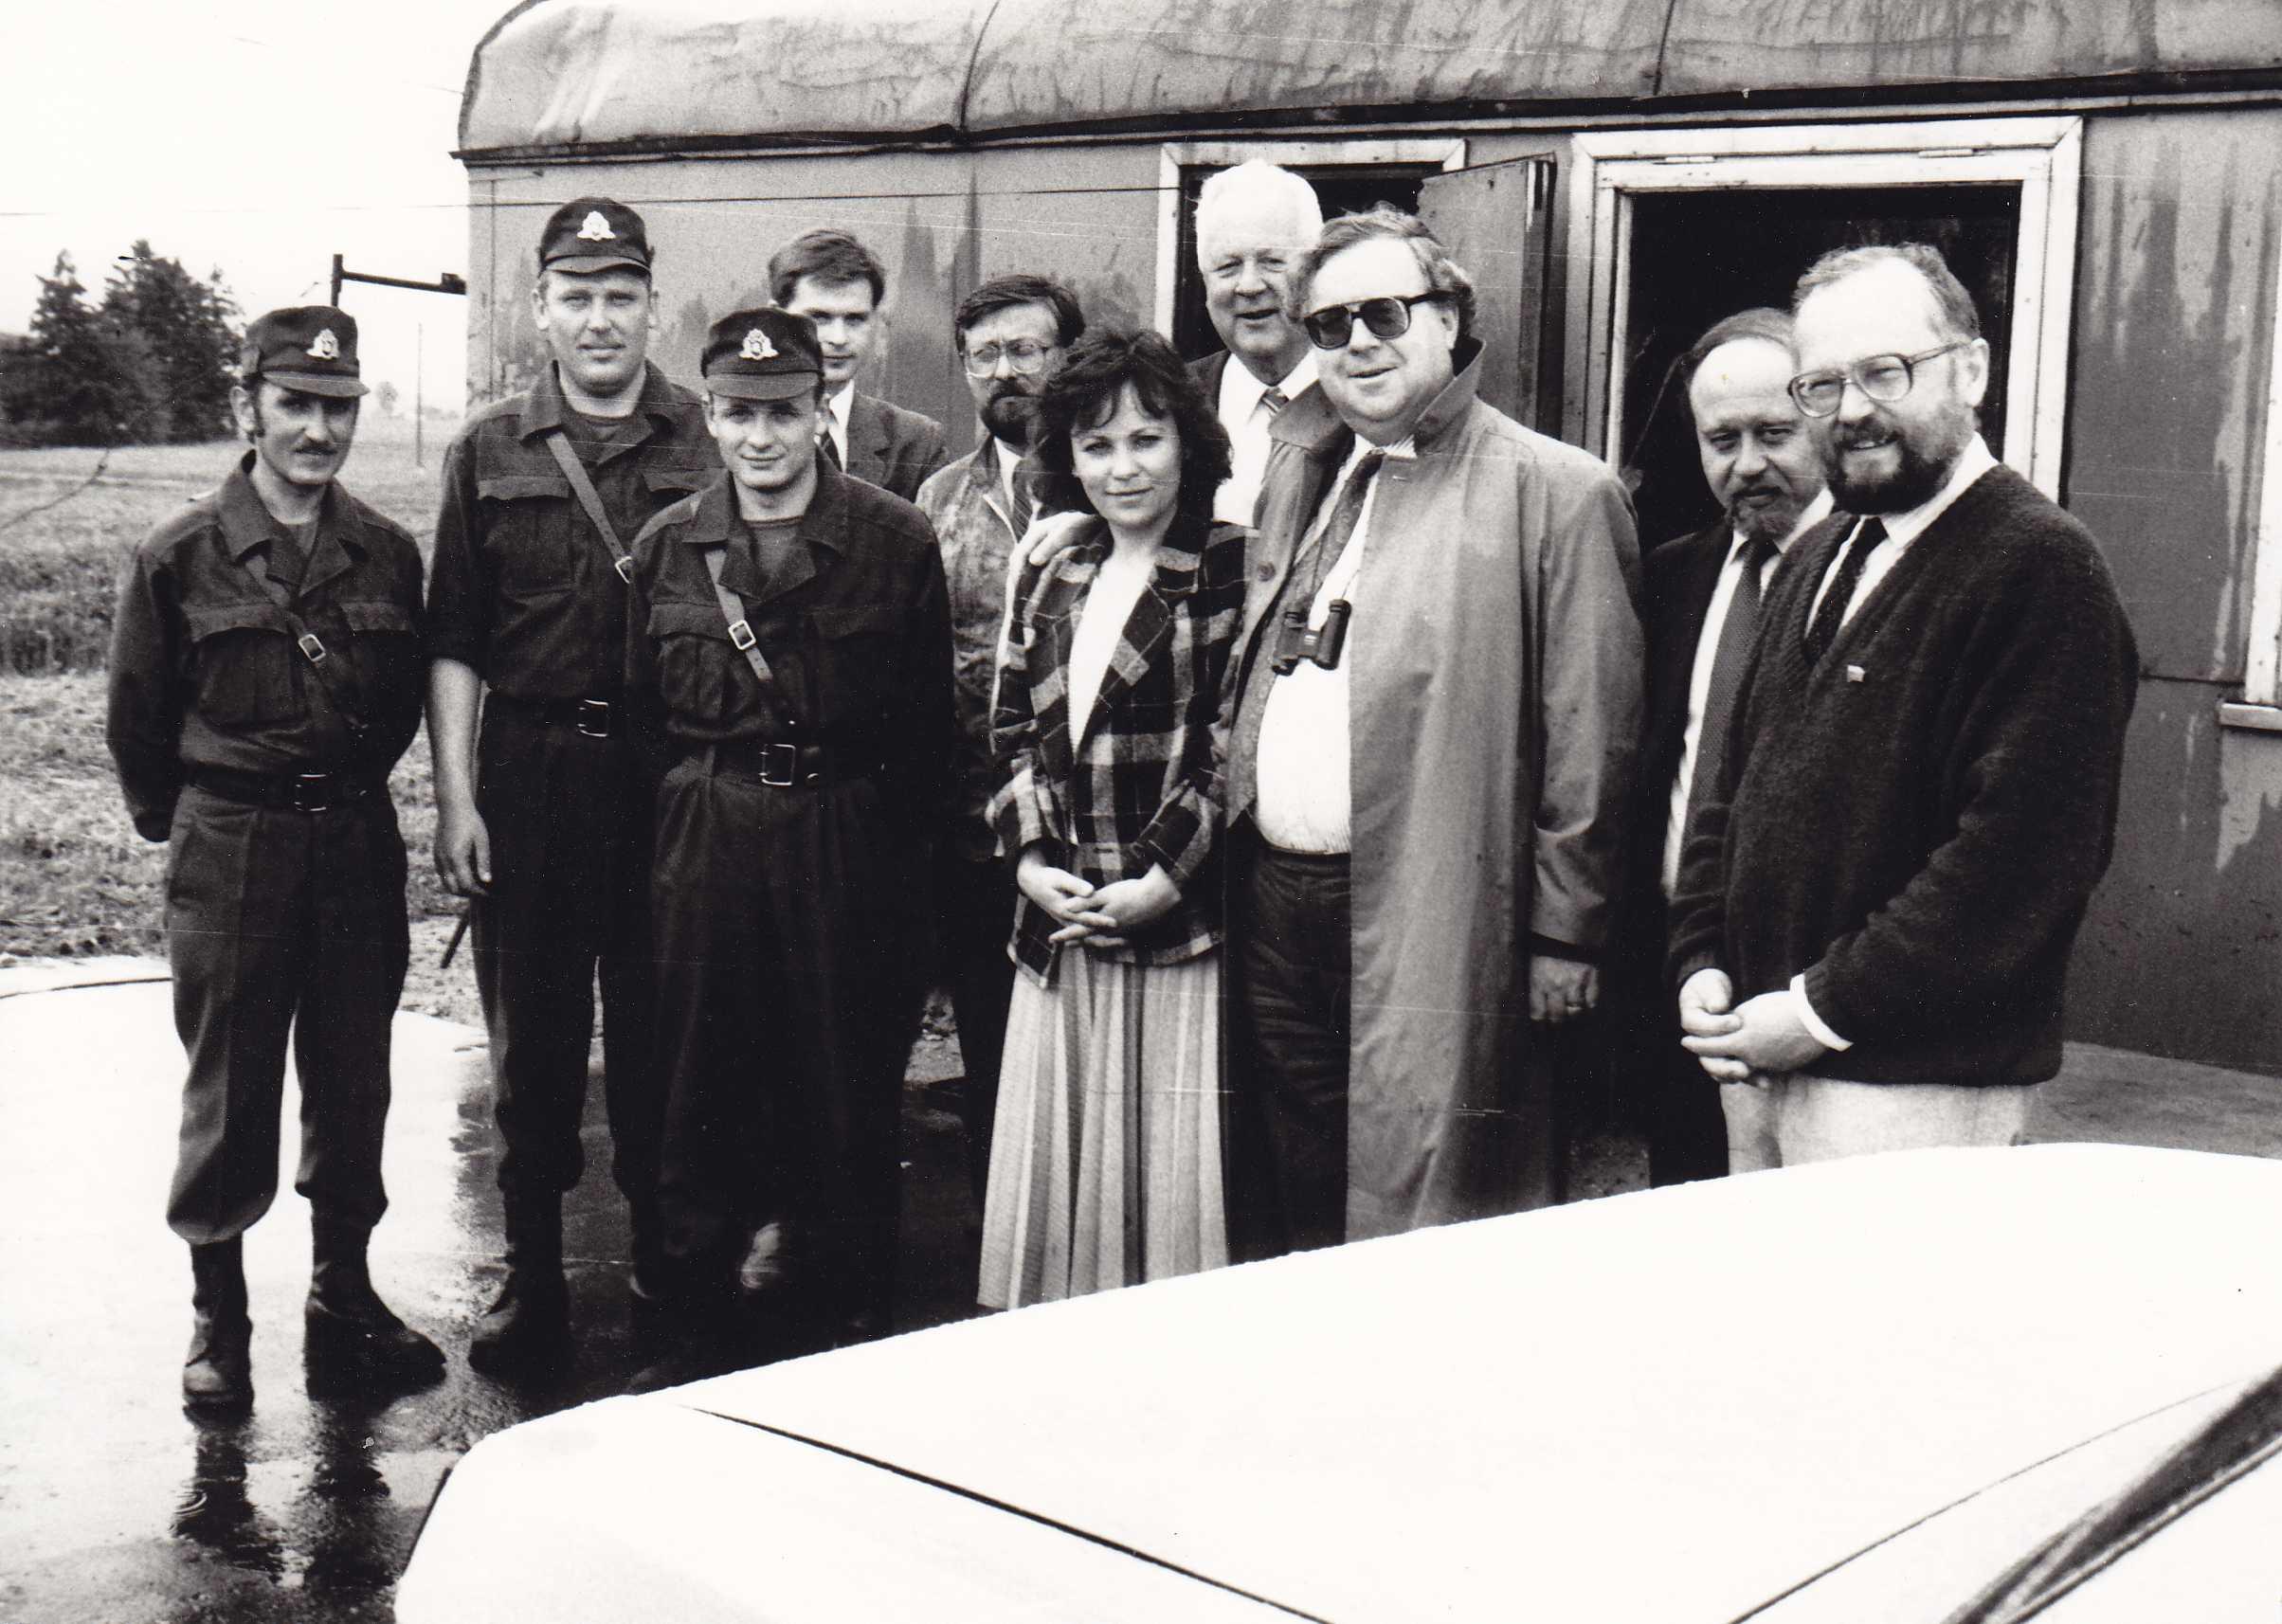 Saločių pasienio poste: Lietuvos Aukščiausiosios Tarybos deputatai, parlamentarai iš Vakarų valstybių, Pasvalio pasieniečiai